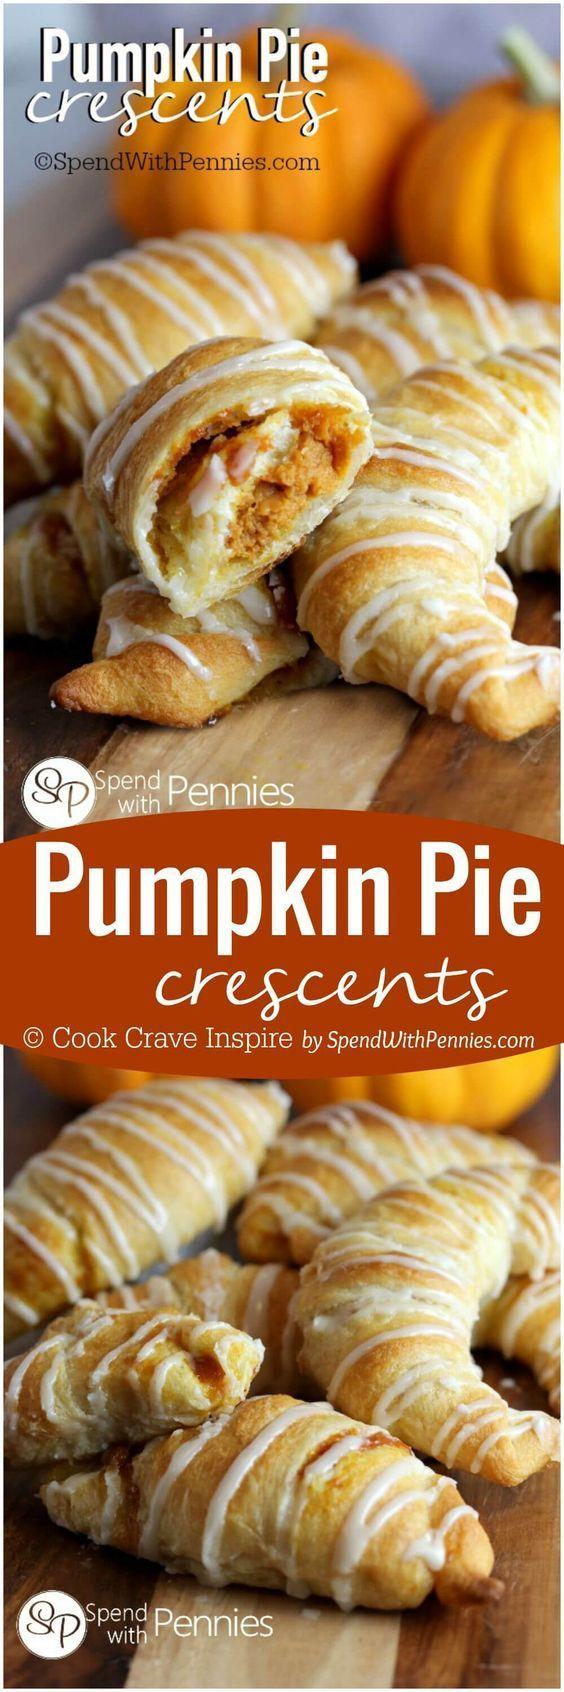 Fall recipes - Pumpkin Pie Crescents